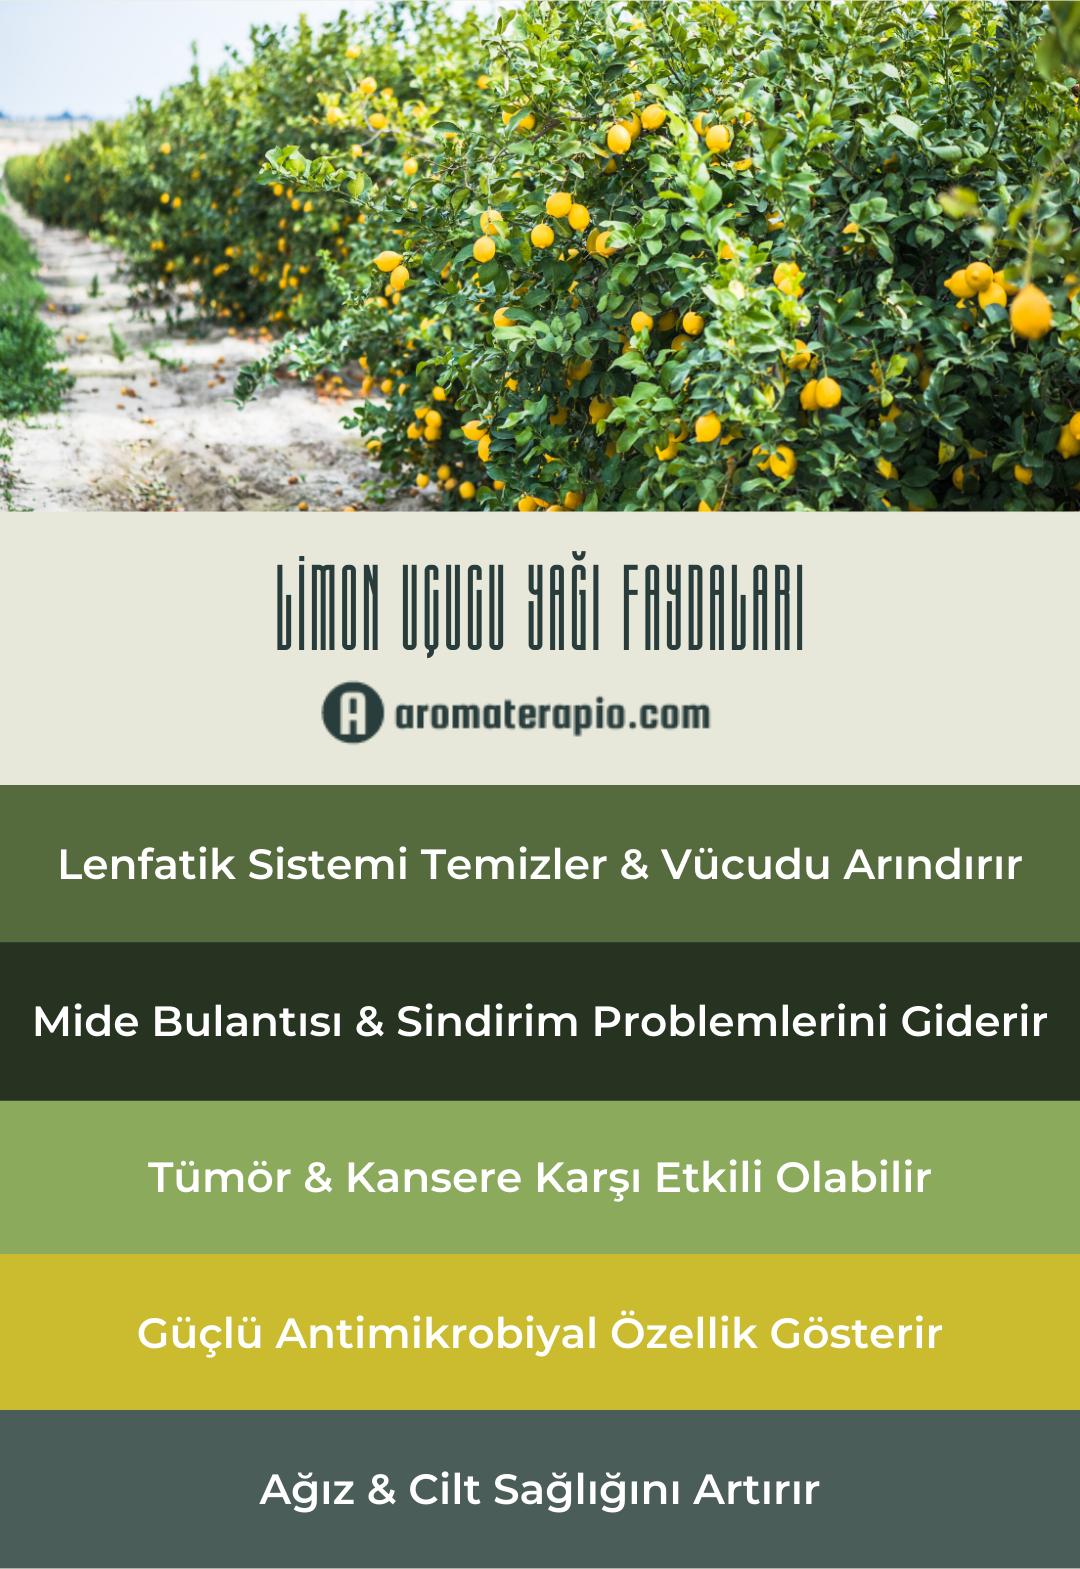 Limon Uçucu Yağı Faydaları Infografik